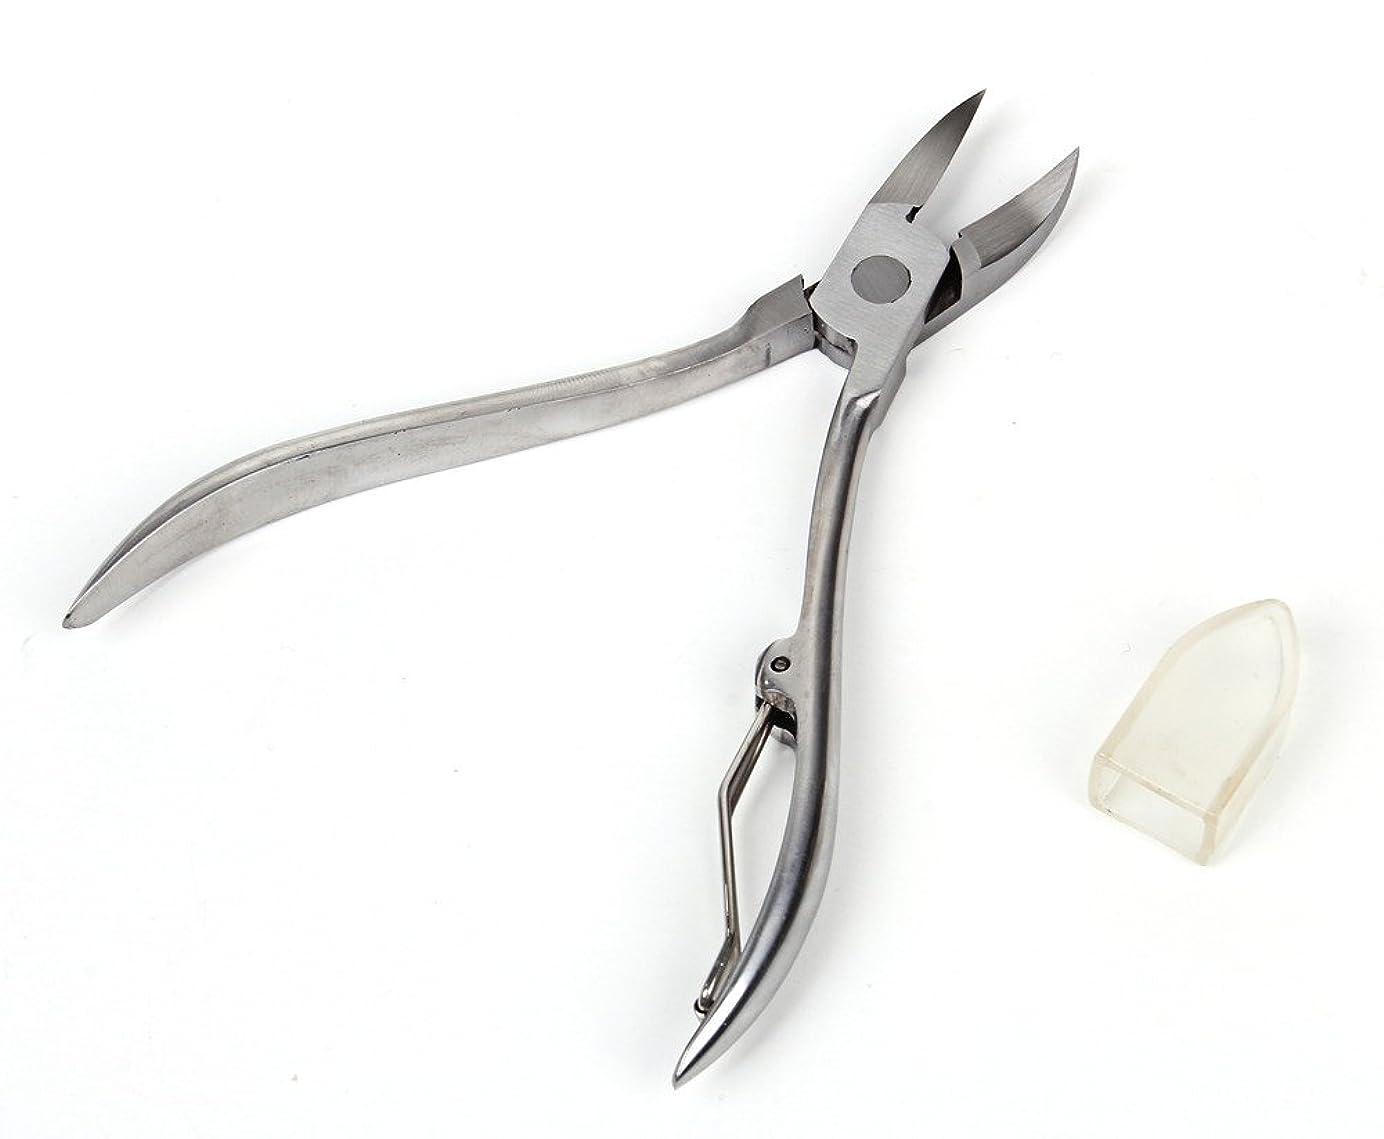 真鍮軽蔑引用巻きづめ 用 ニッパー式 爪切り カッター はさみ